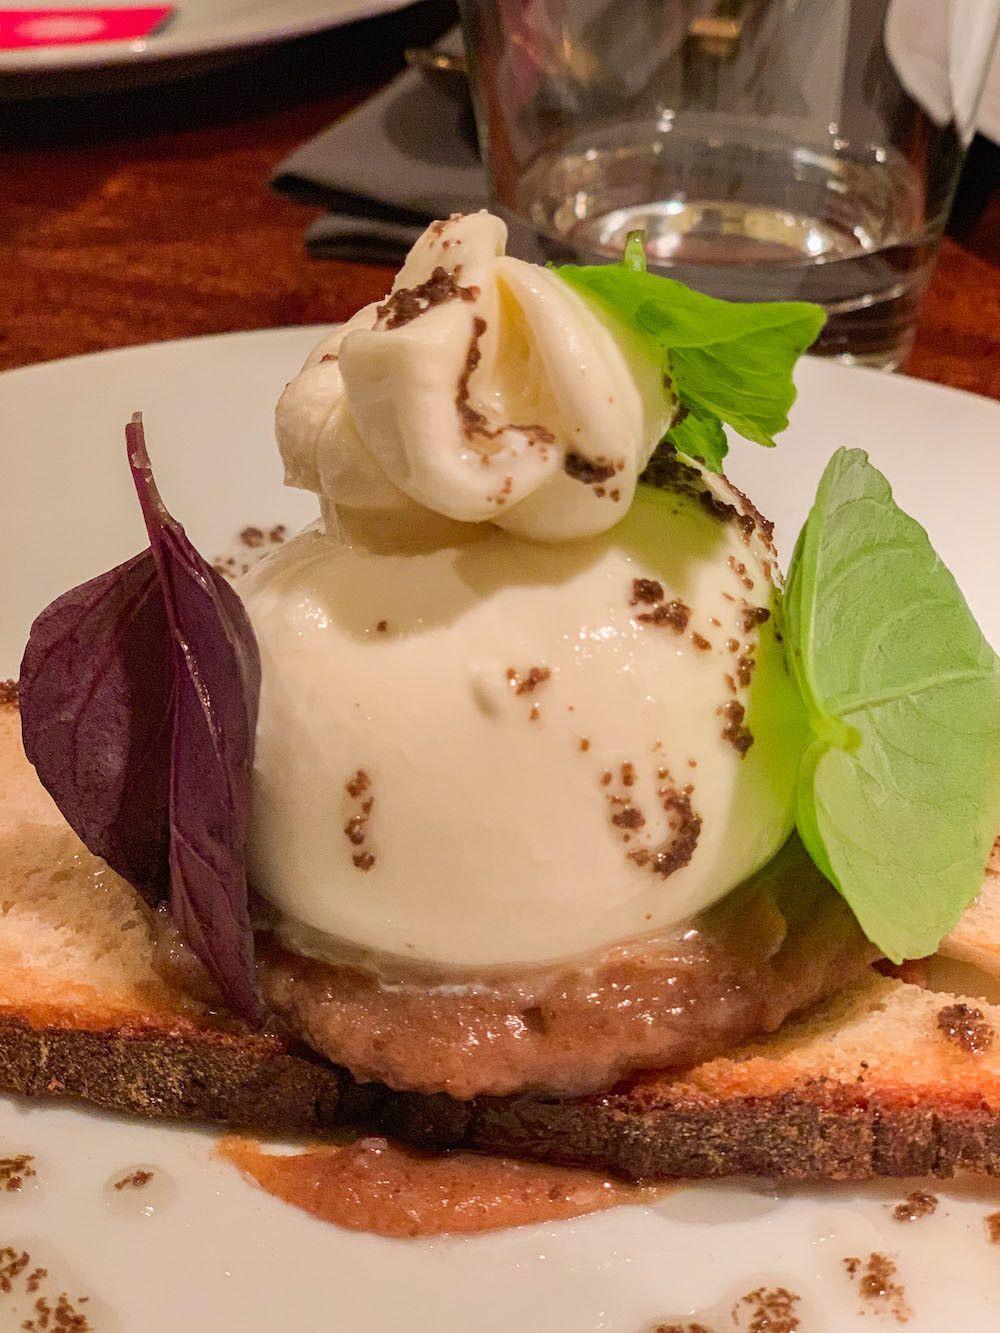 Foodblogog, Leckerbissen, Crackers, Brot, Feige